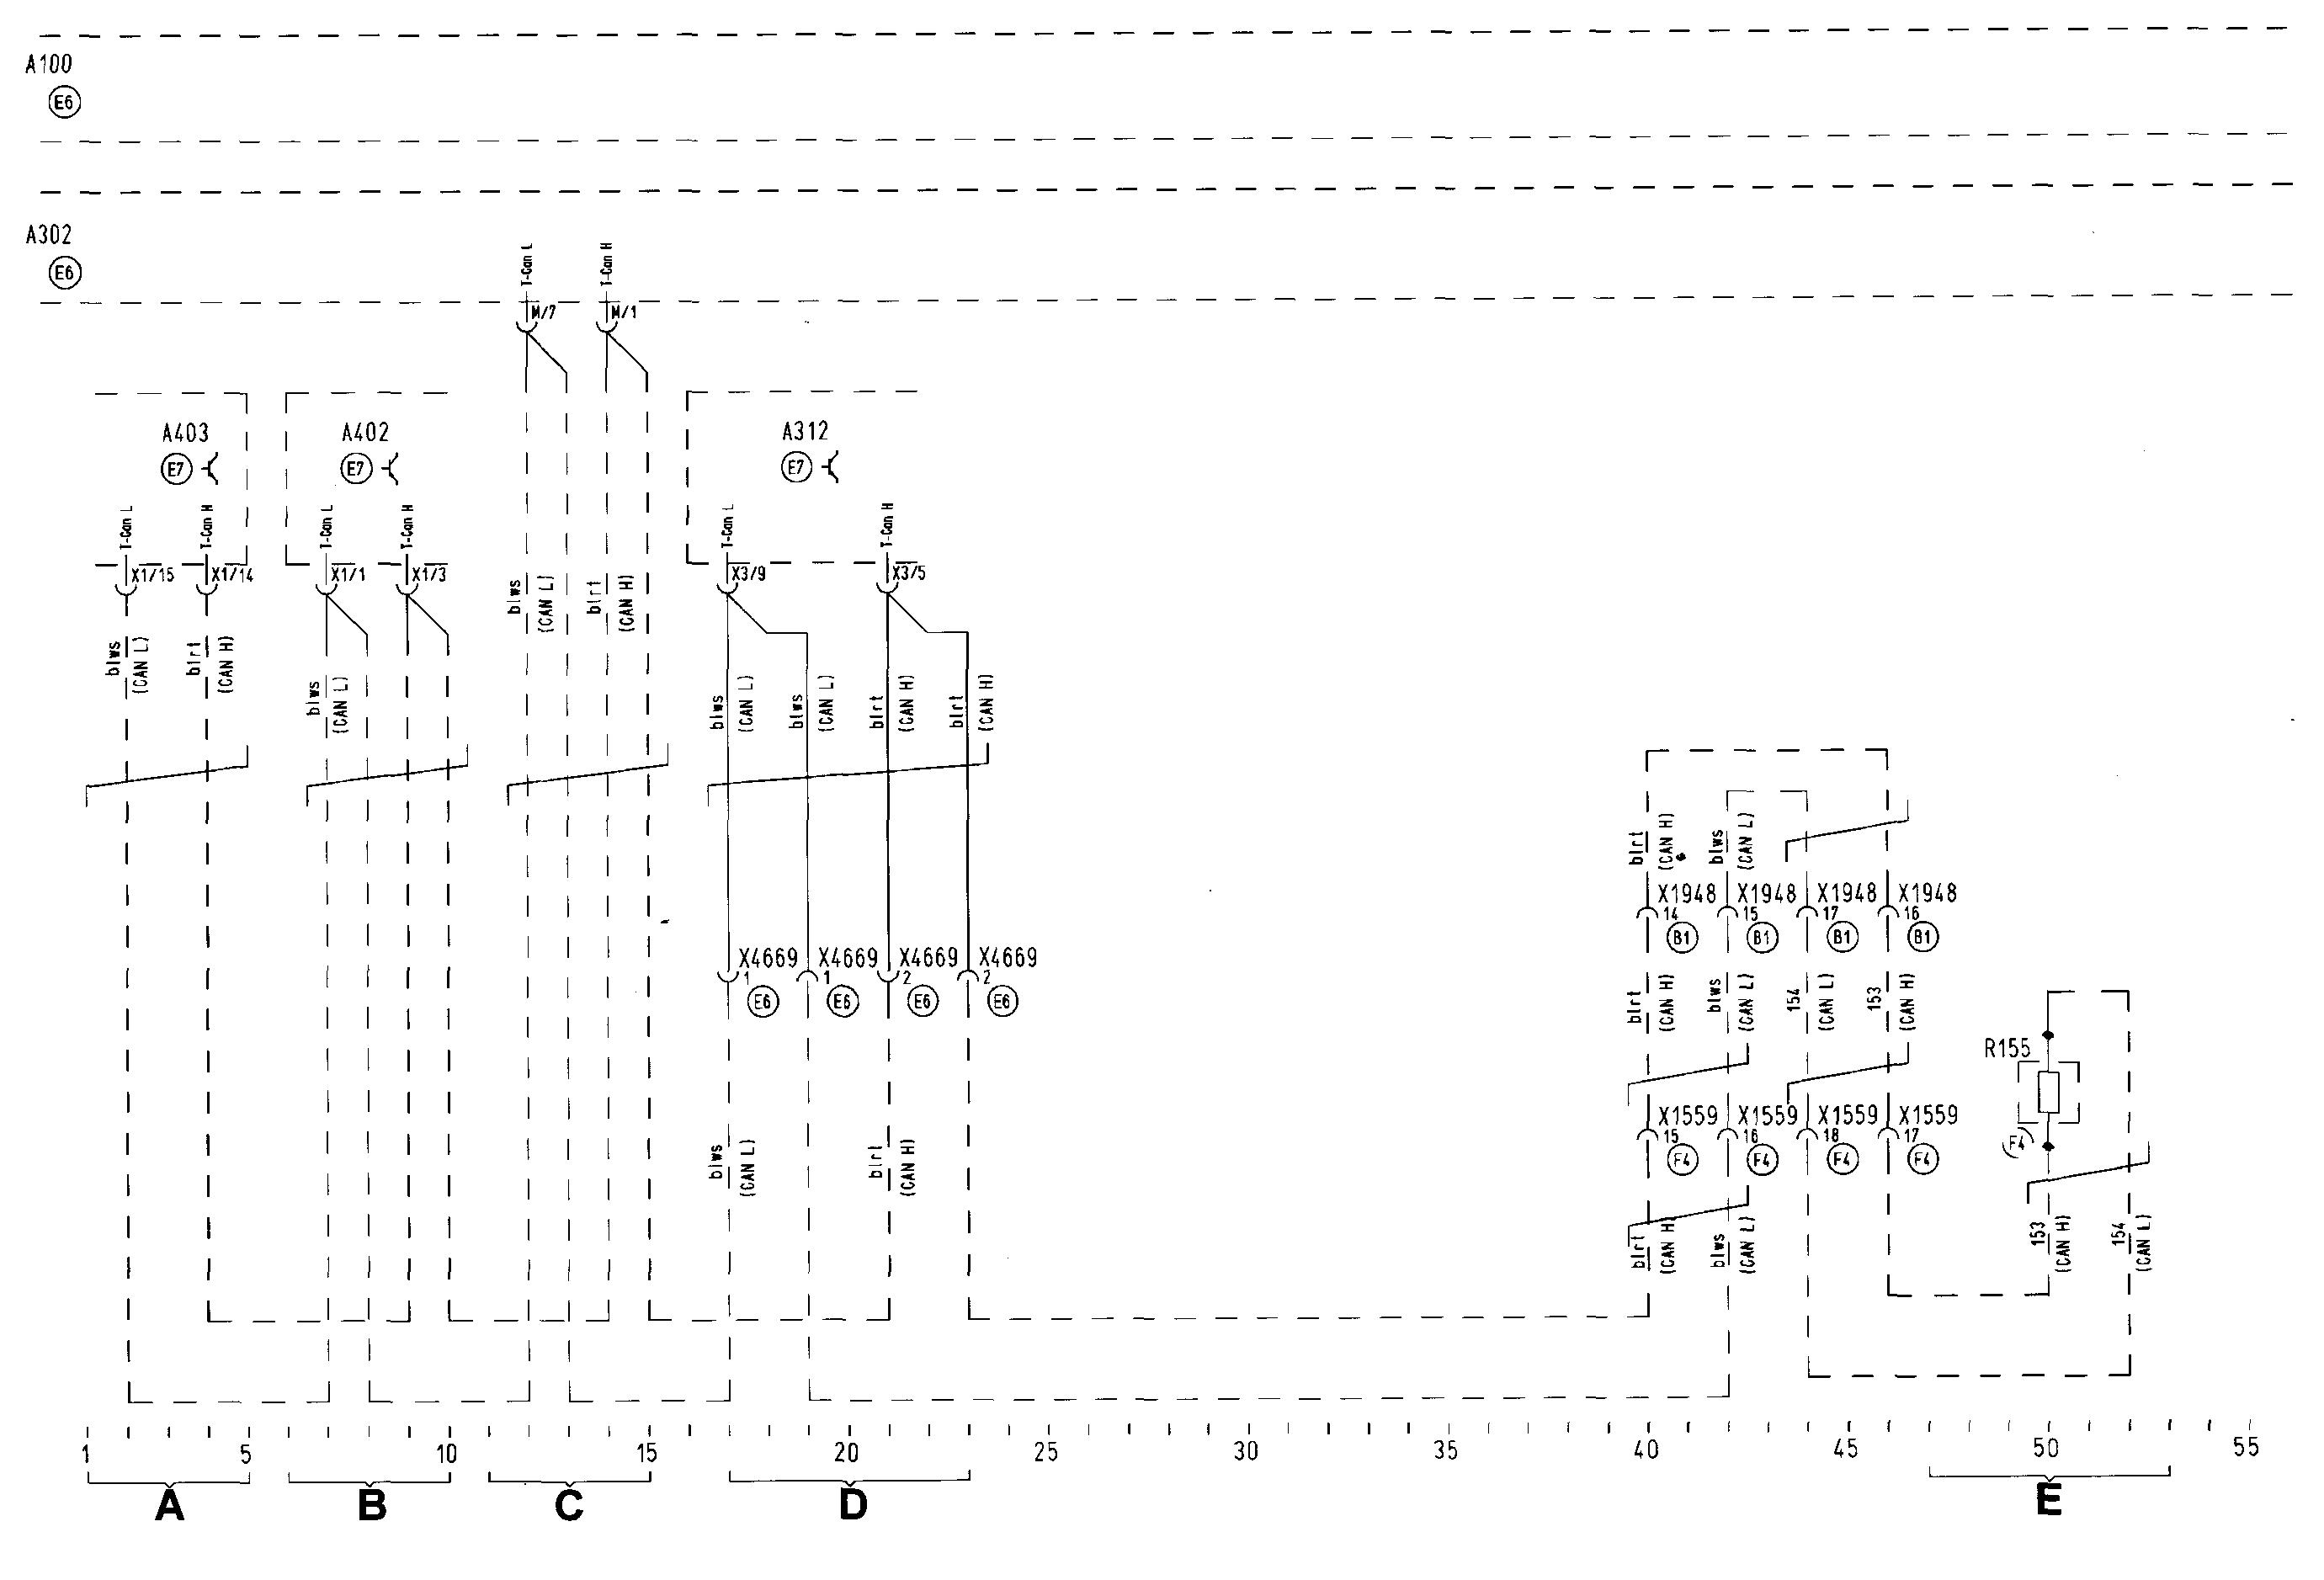 нумерация мест в автобусе хайгер схема